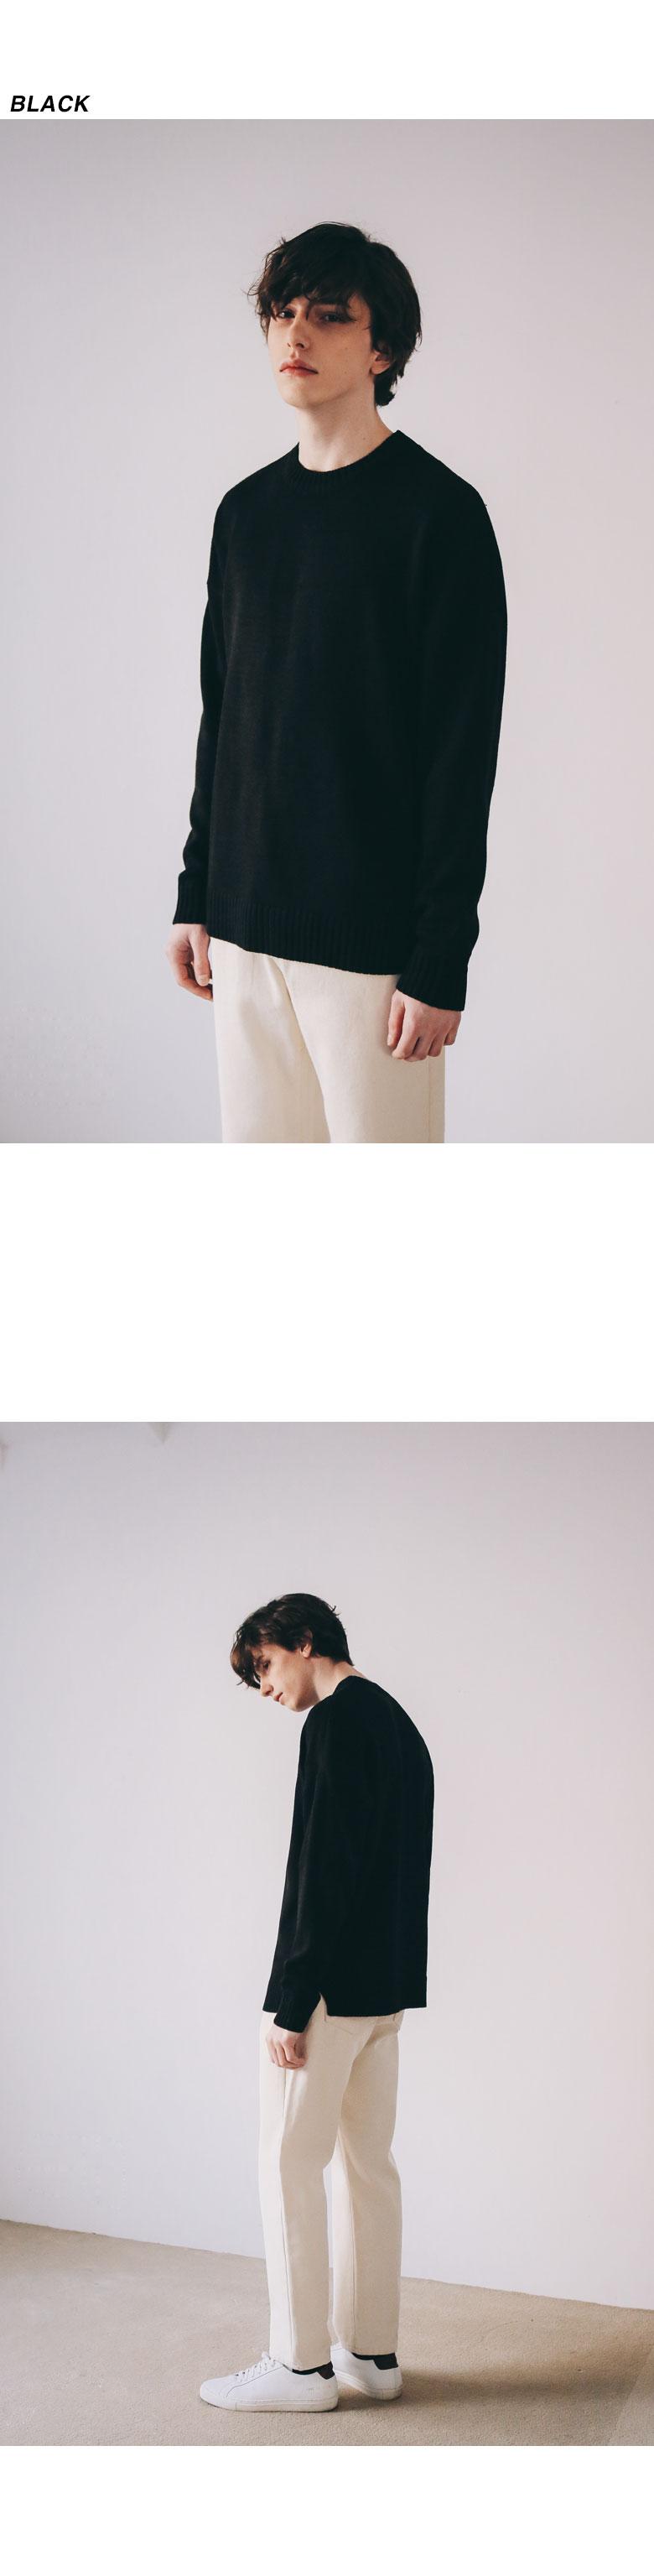 이에스엔 클래식 소프트 크루넥 니트 (7color)